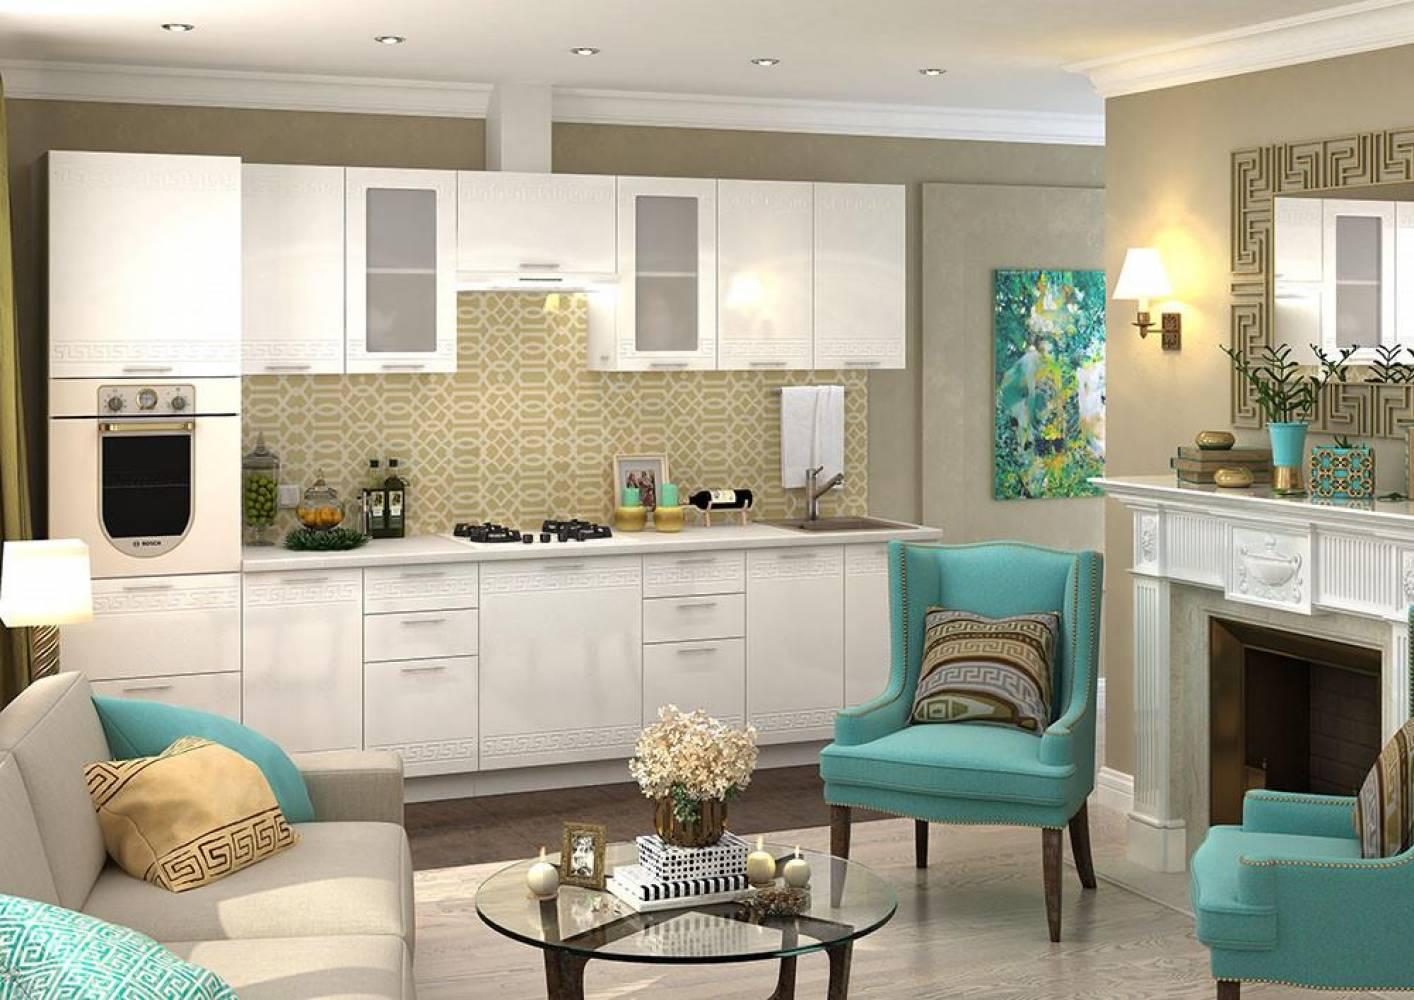 Кухня  ГРЕЦИЯ (Гранатовый металлик) (2 цвета фасадов) Сурская мебель